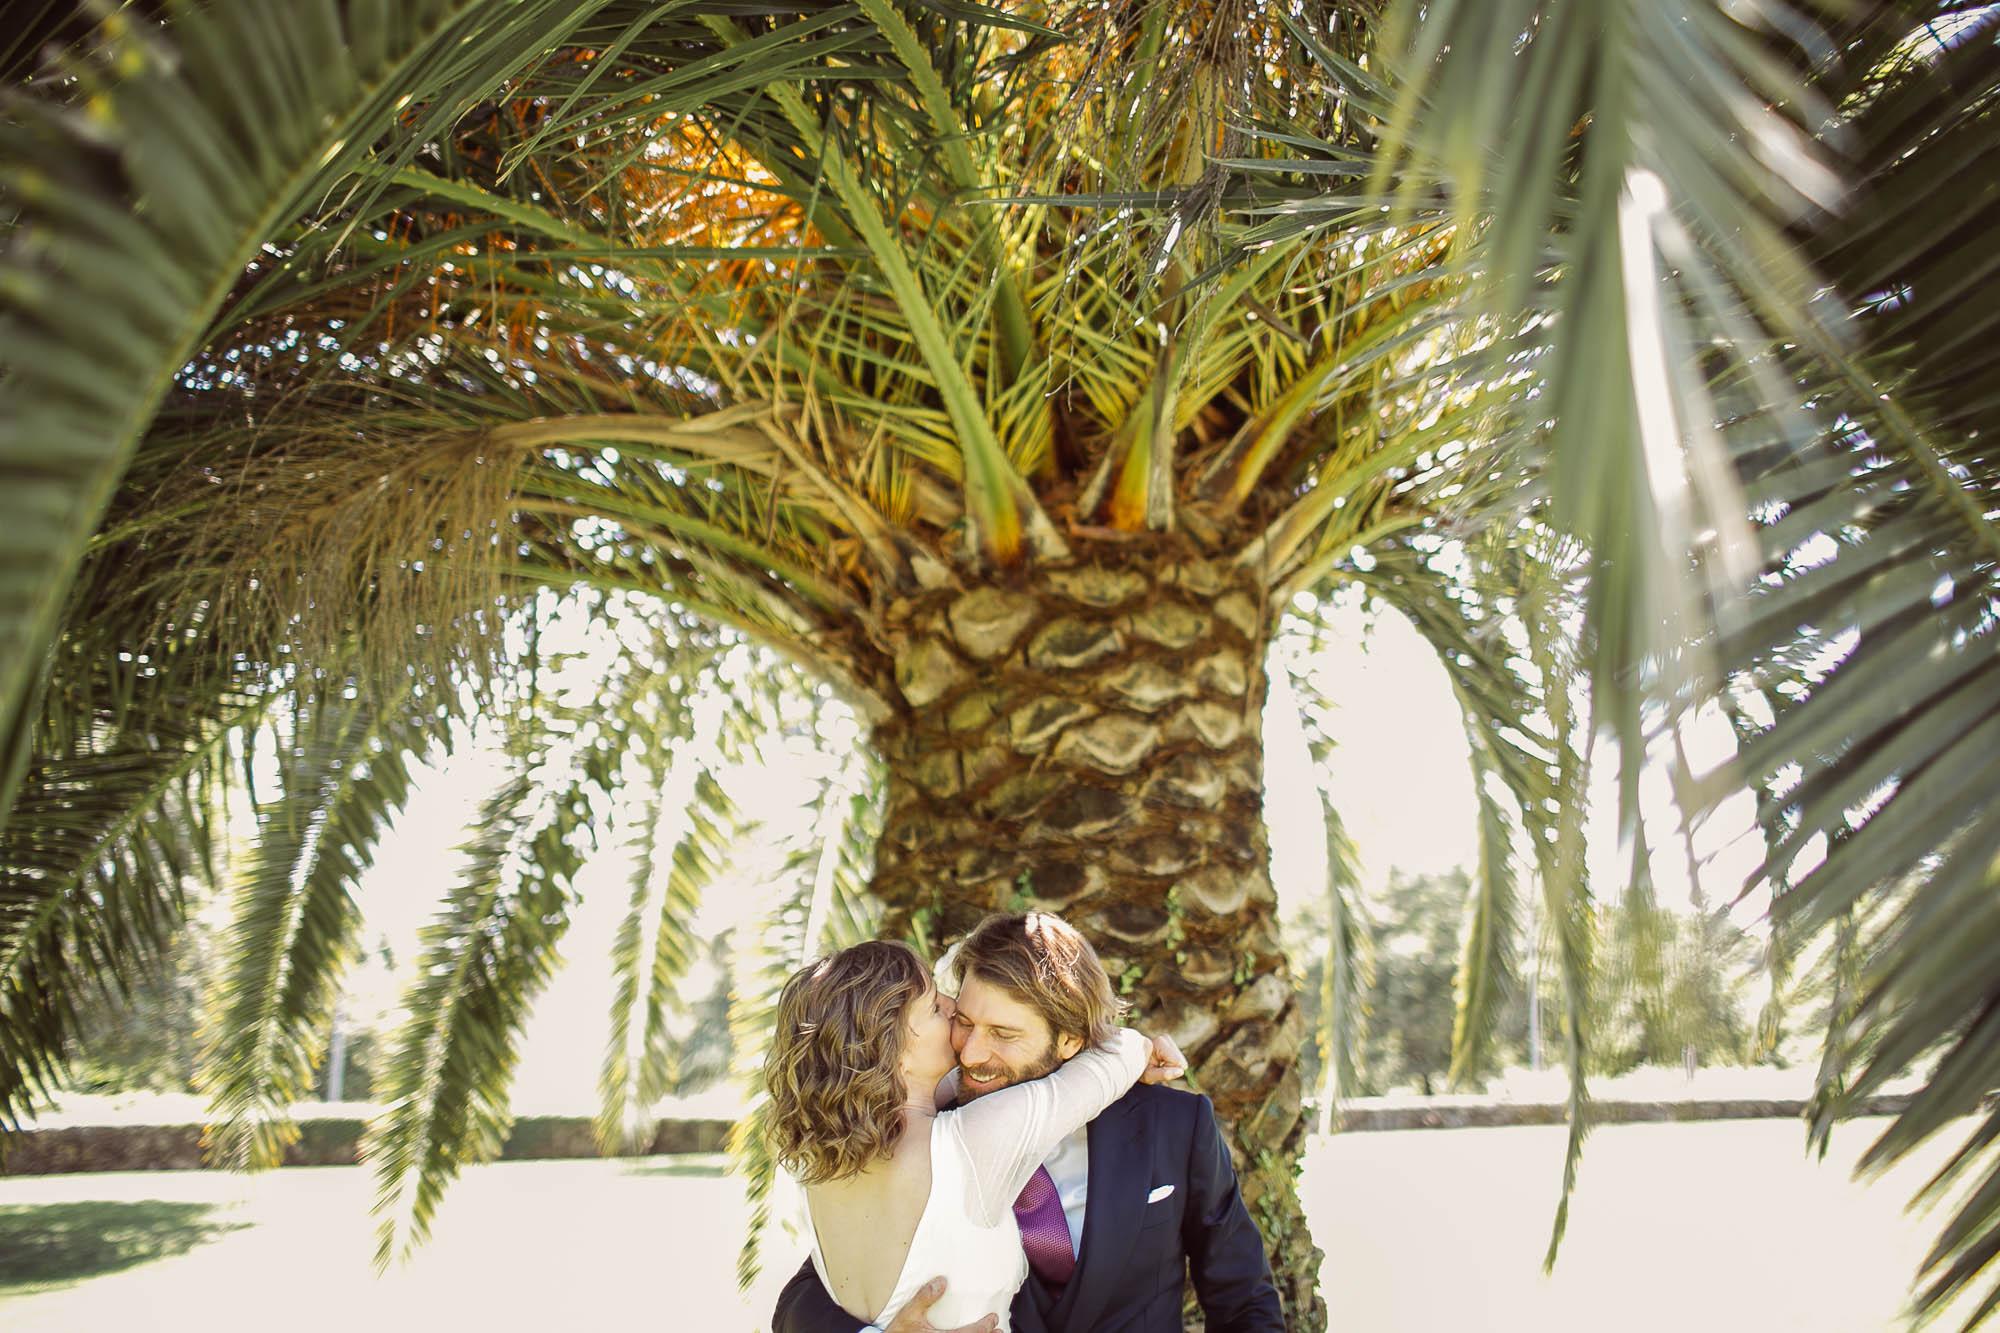 La novia se gira y abraza a su marido y le besa en la mejilla